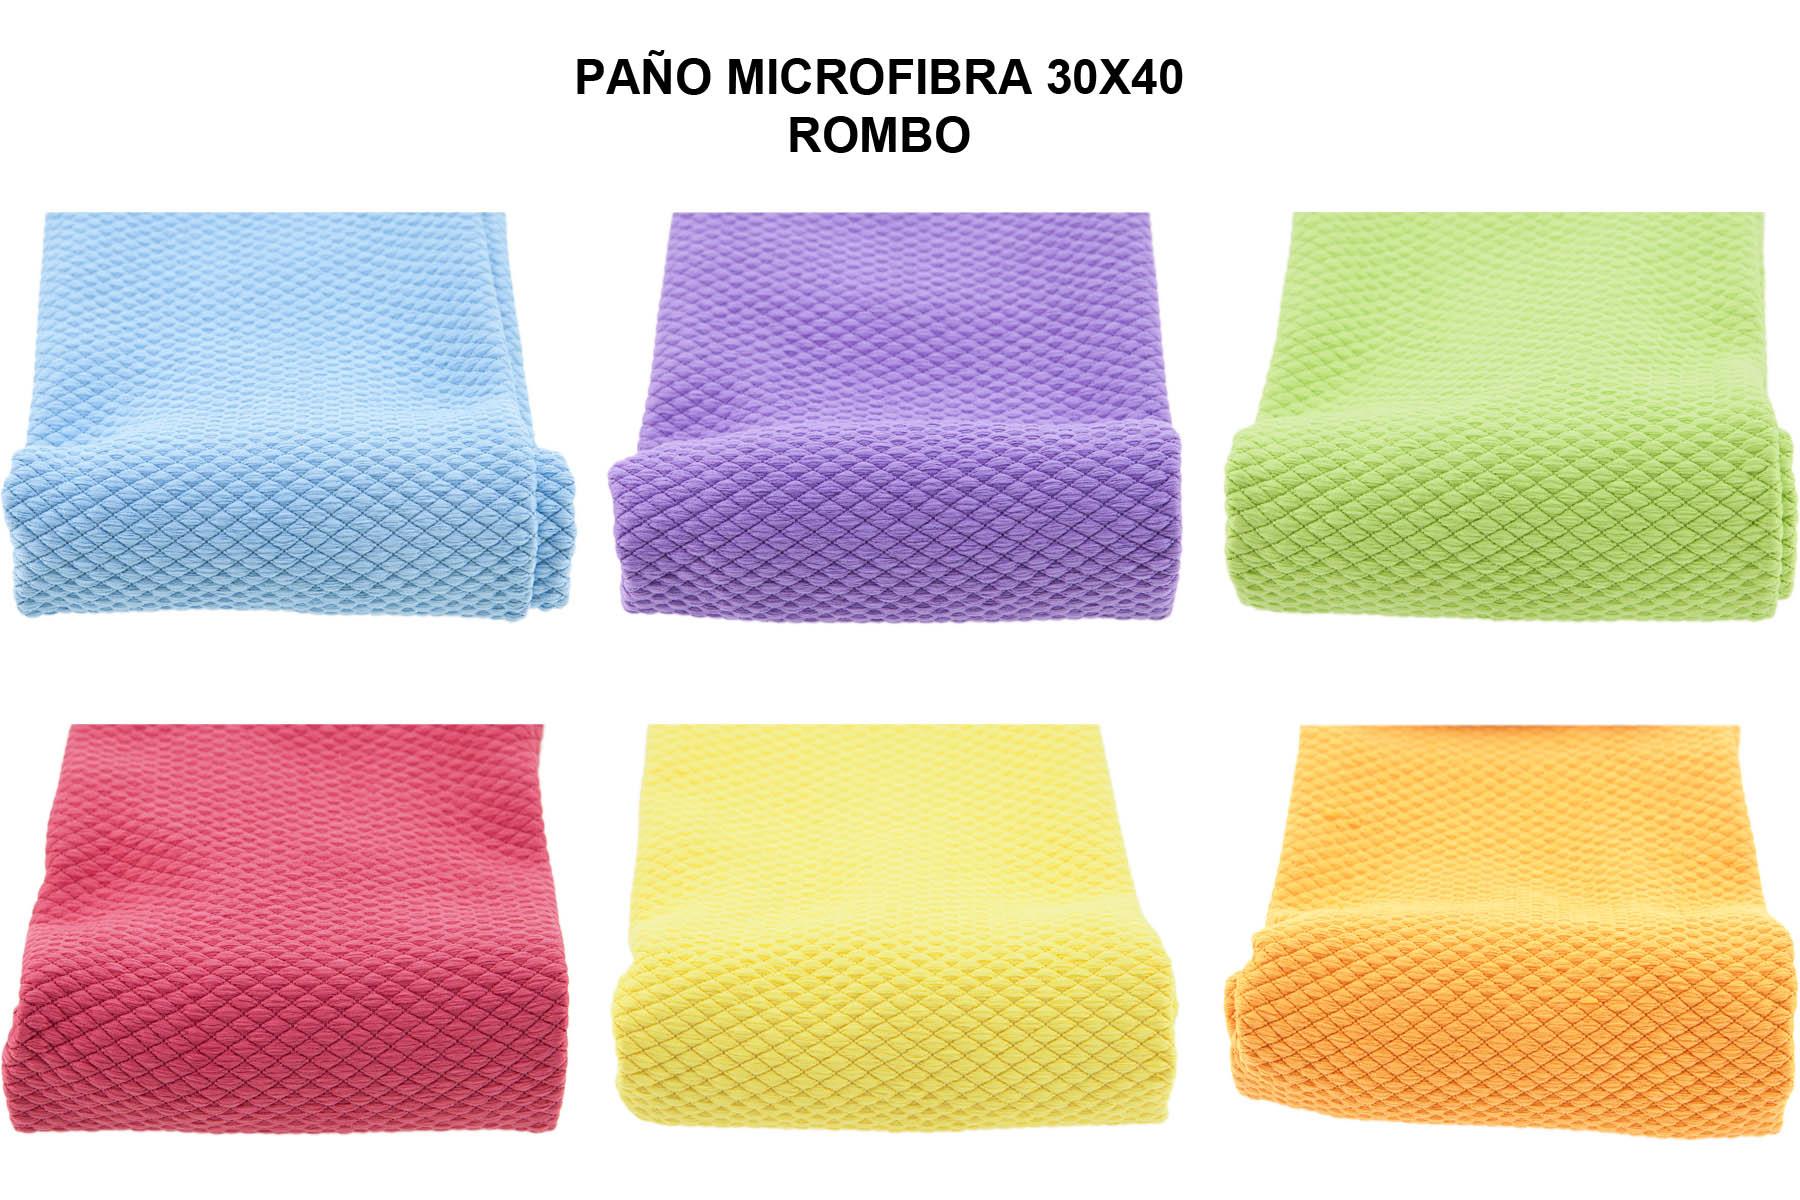 PAÑO MICROFIBRA 30X40 ROMBO